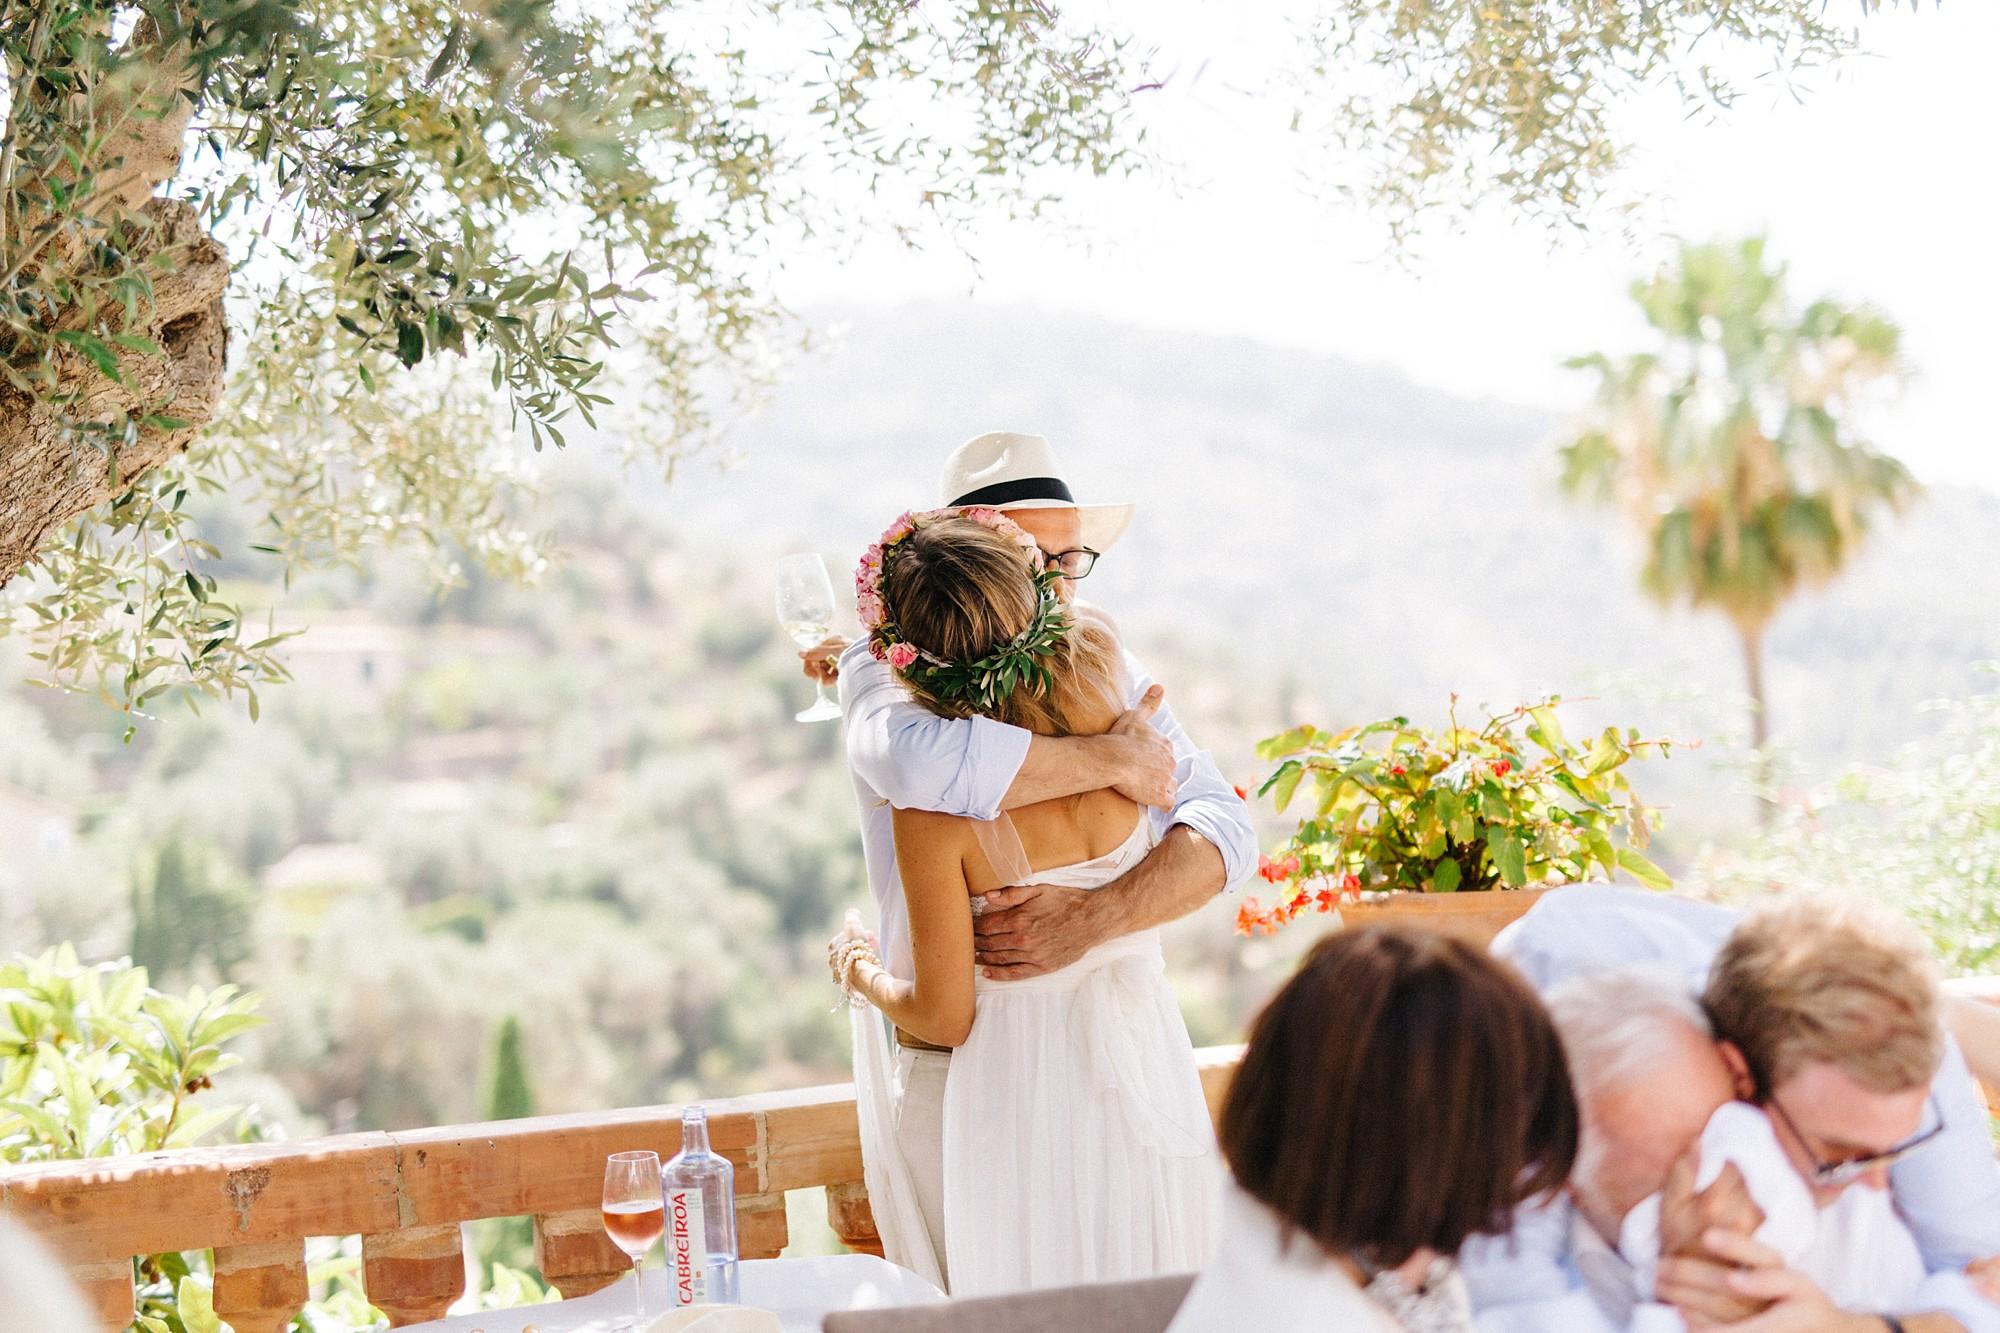 fotografos de boda en valencia barcelona mallorca wedding photographer139.jpg